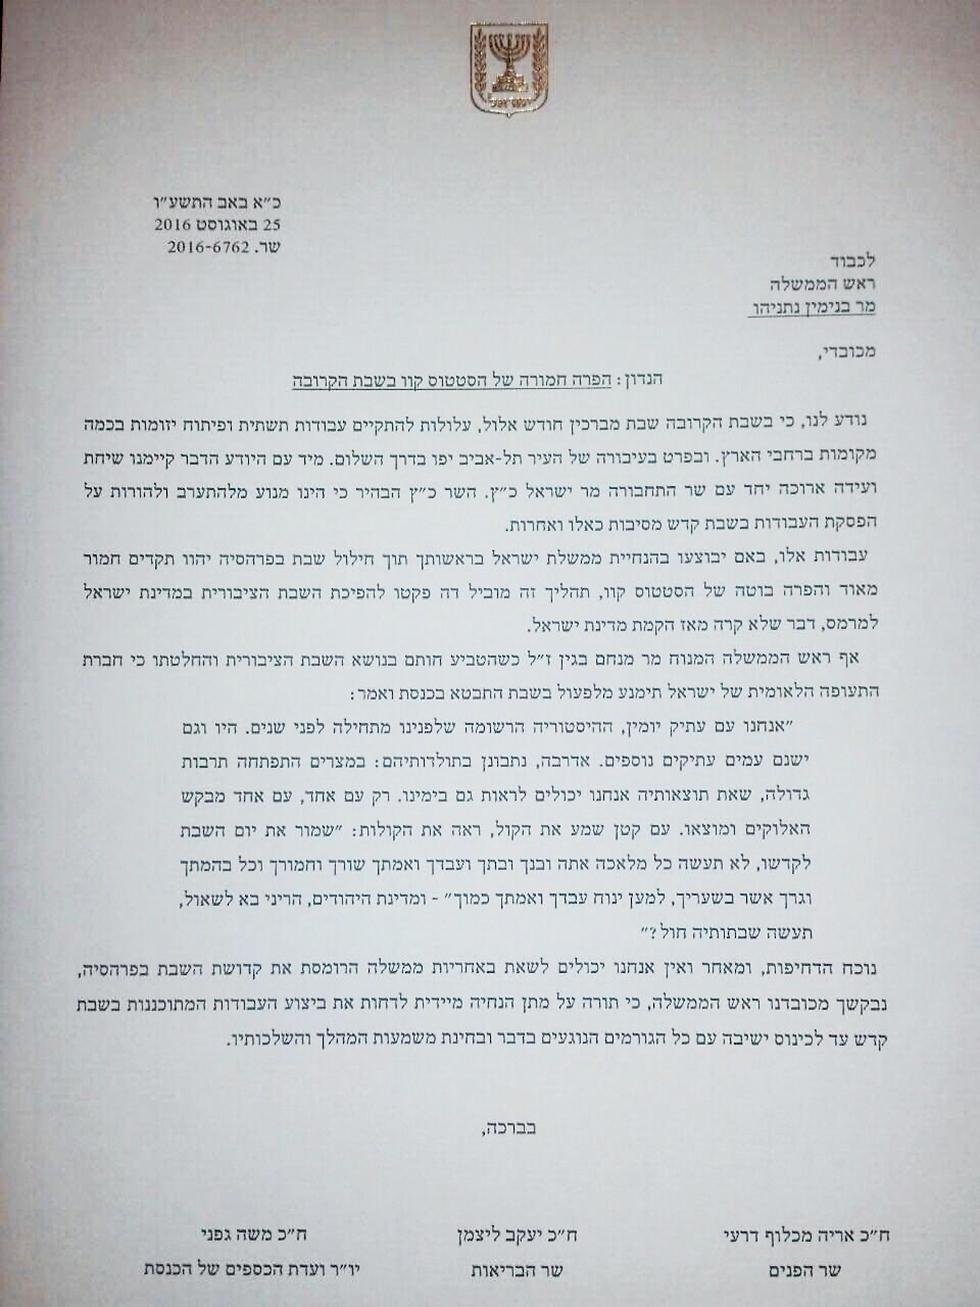 המכתב של ראשי המפלגות החרדיות לנתניהו בדרישה להורות על ביטול העבודות ()